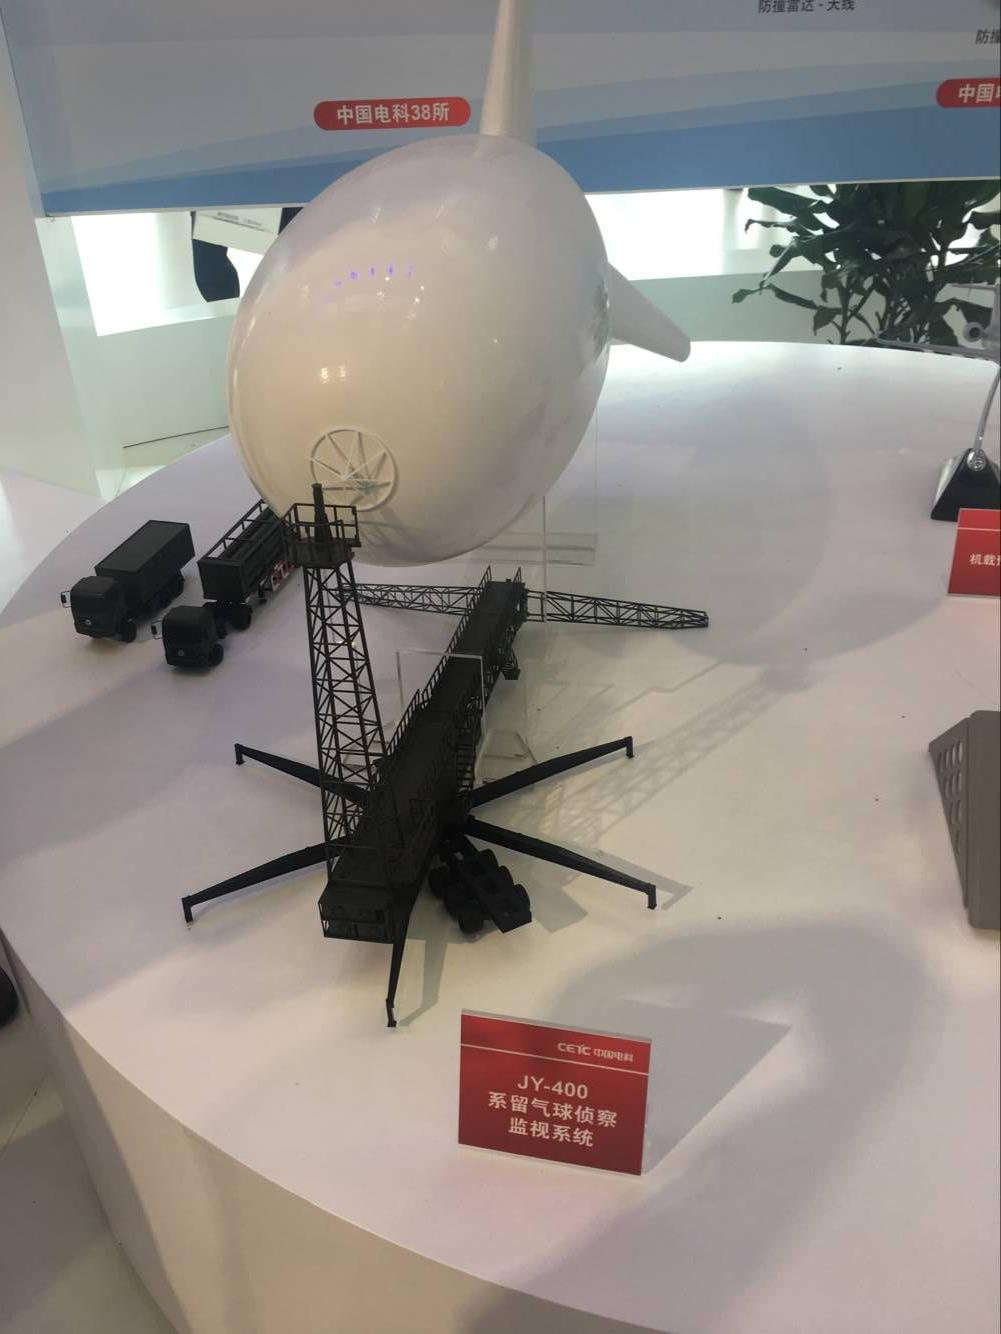 中国电科14所国产雷达重装亮相世界雷达博览会